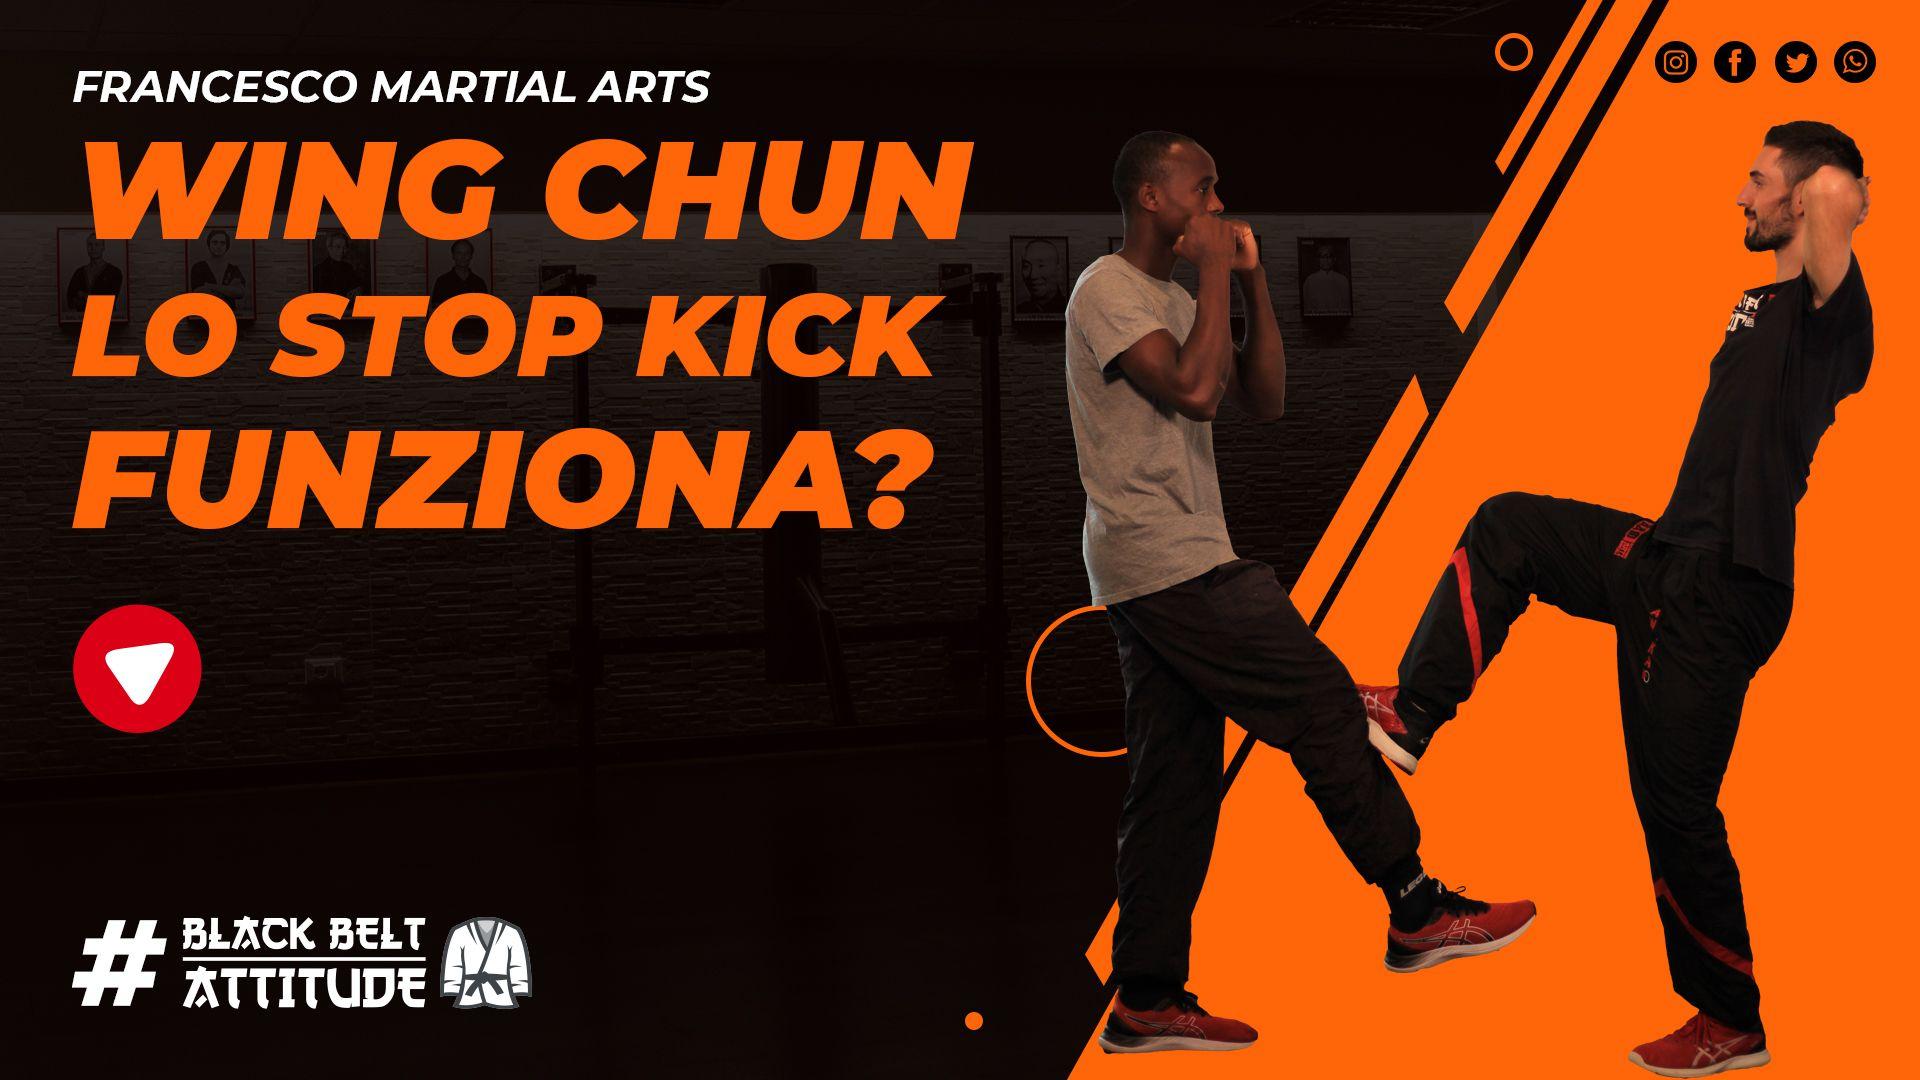 lo-stop-kick-funziona